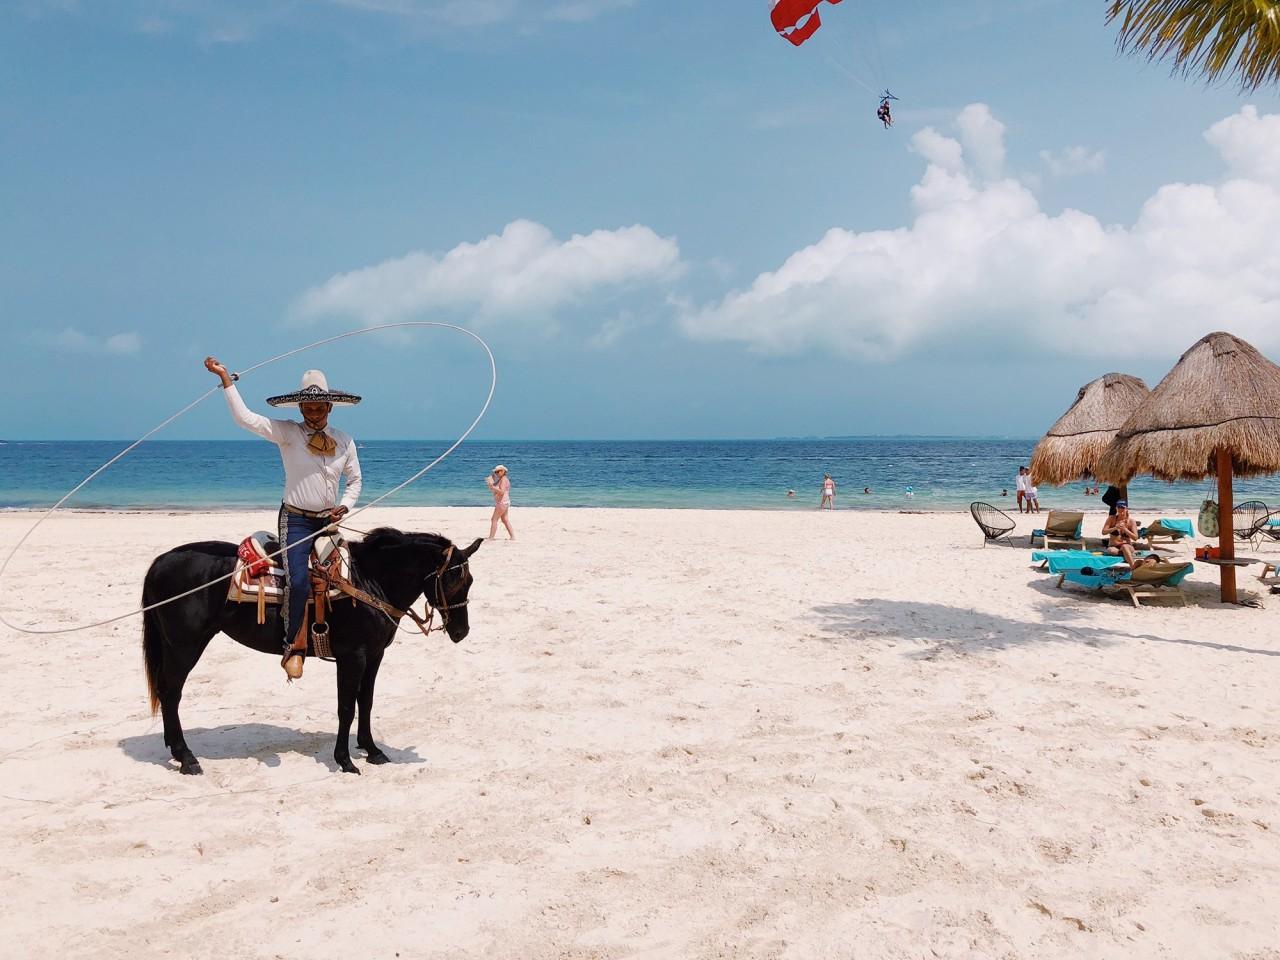 1 место в категории «Образ жизни», 2020. Культурный фьюжн. Канкун, Мексика. Автор Одри Блейк